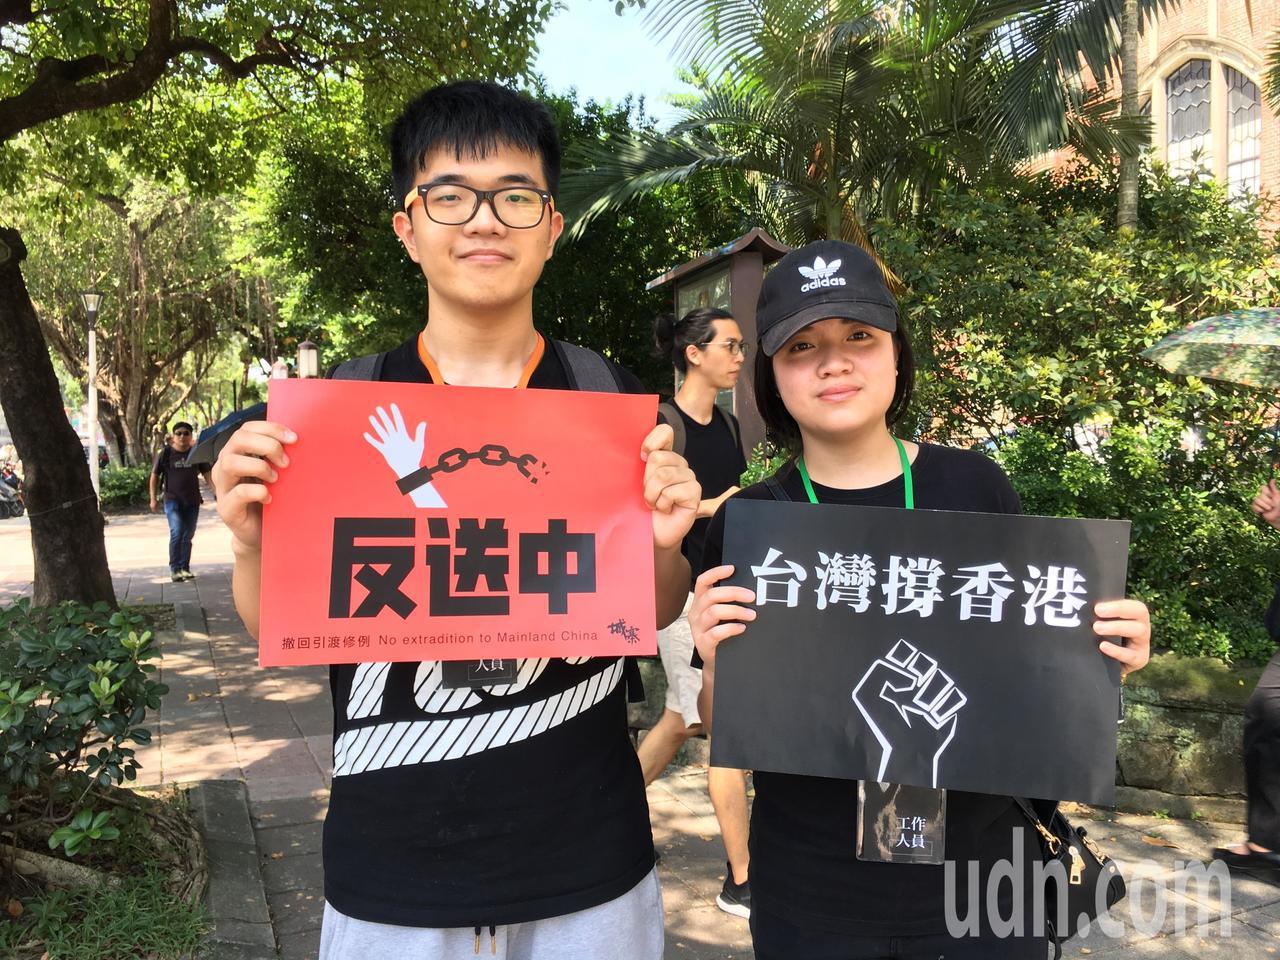 為聲援香港「反送中」行動,在台港生及挺港團體今天在立法院外集結倡議。記者李隆揆/...